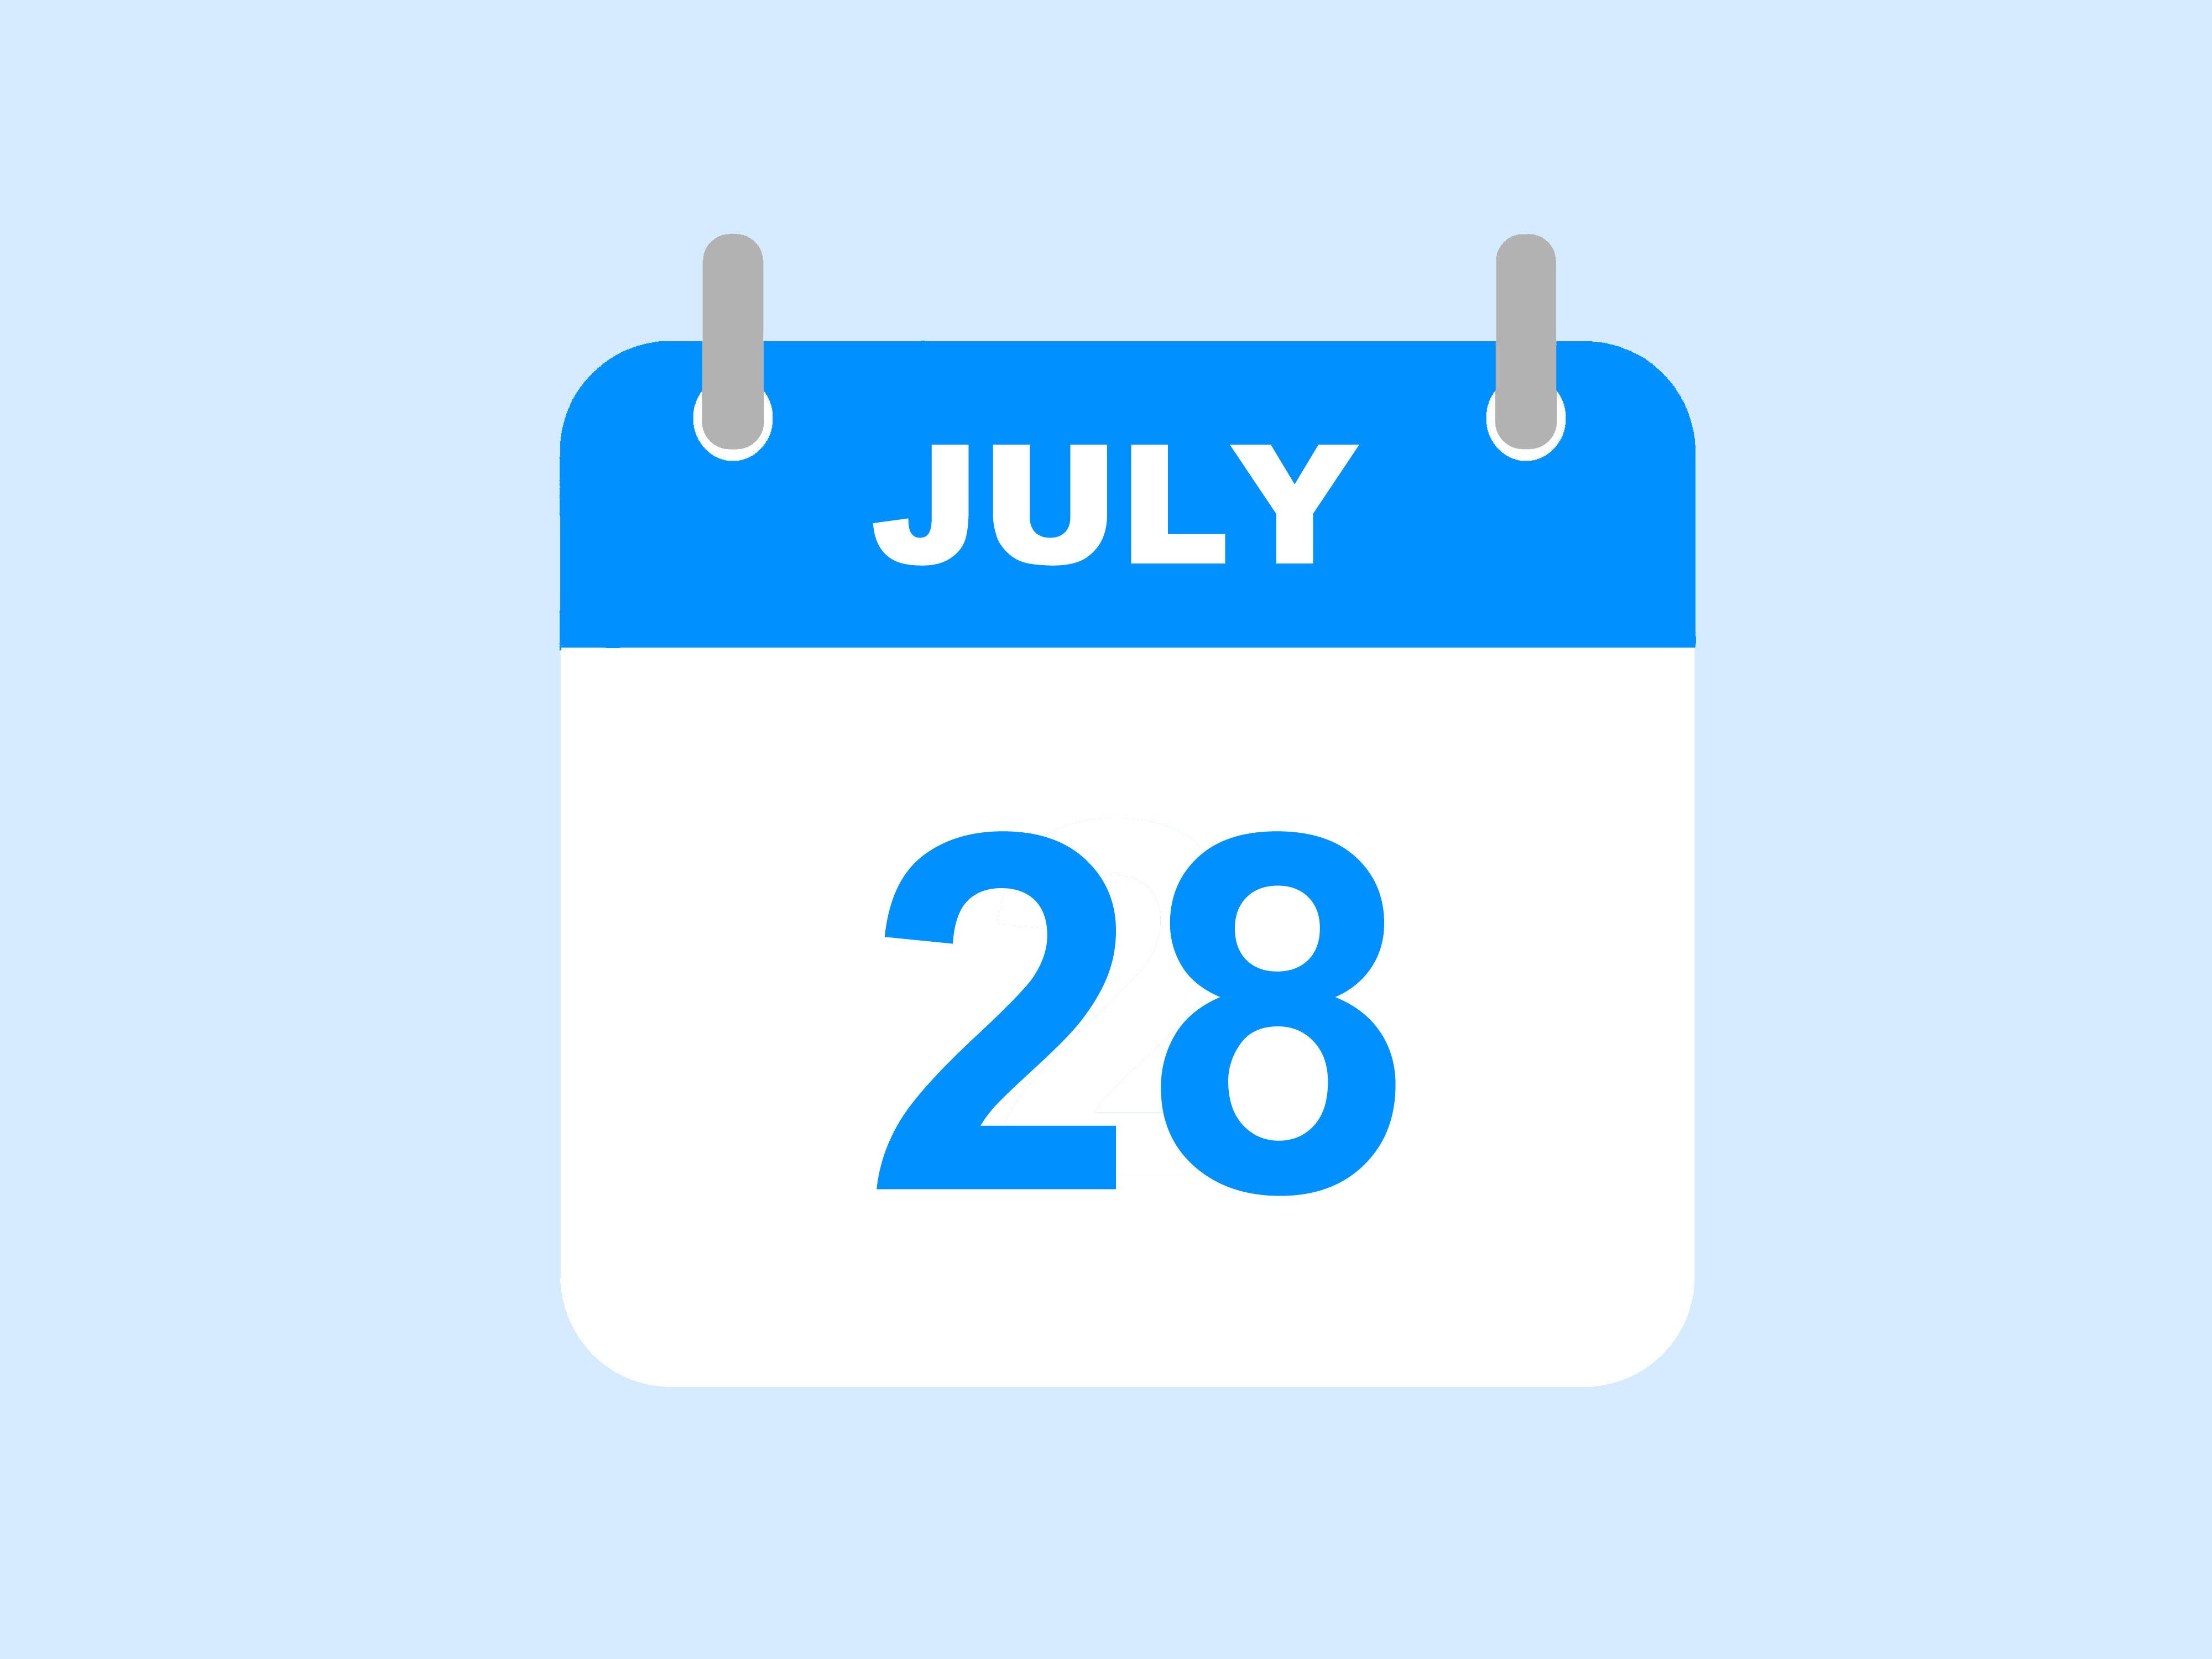 7月28日、今日は何の日??